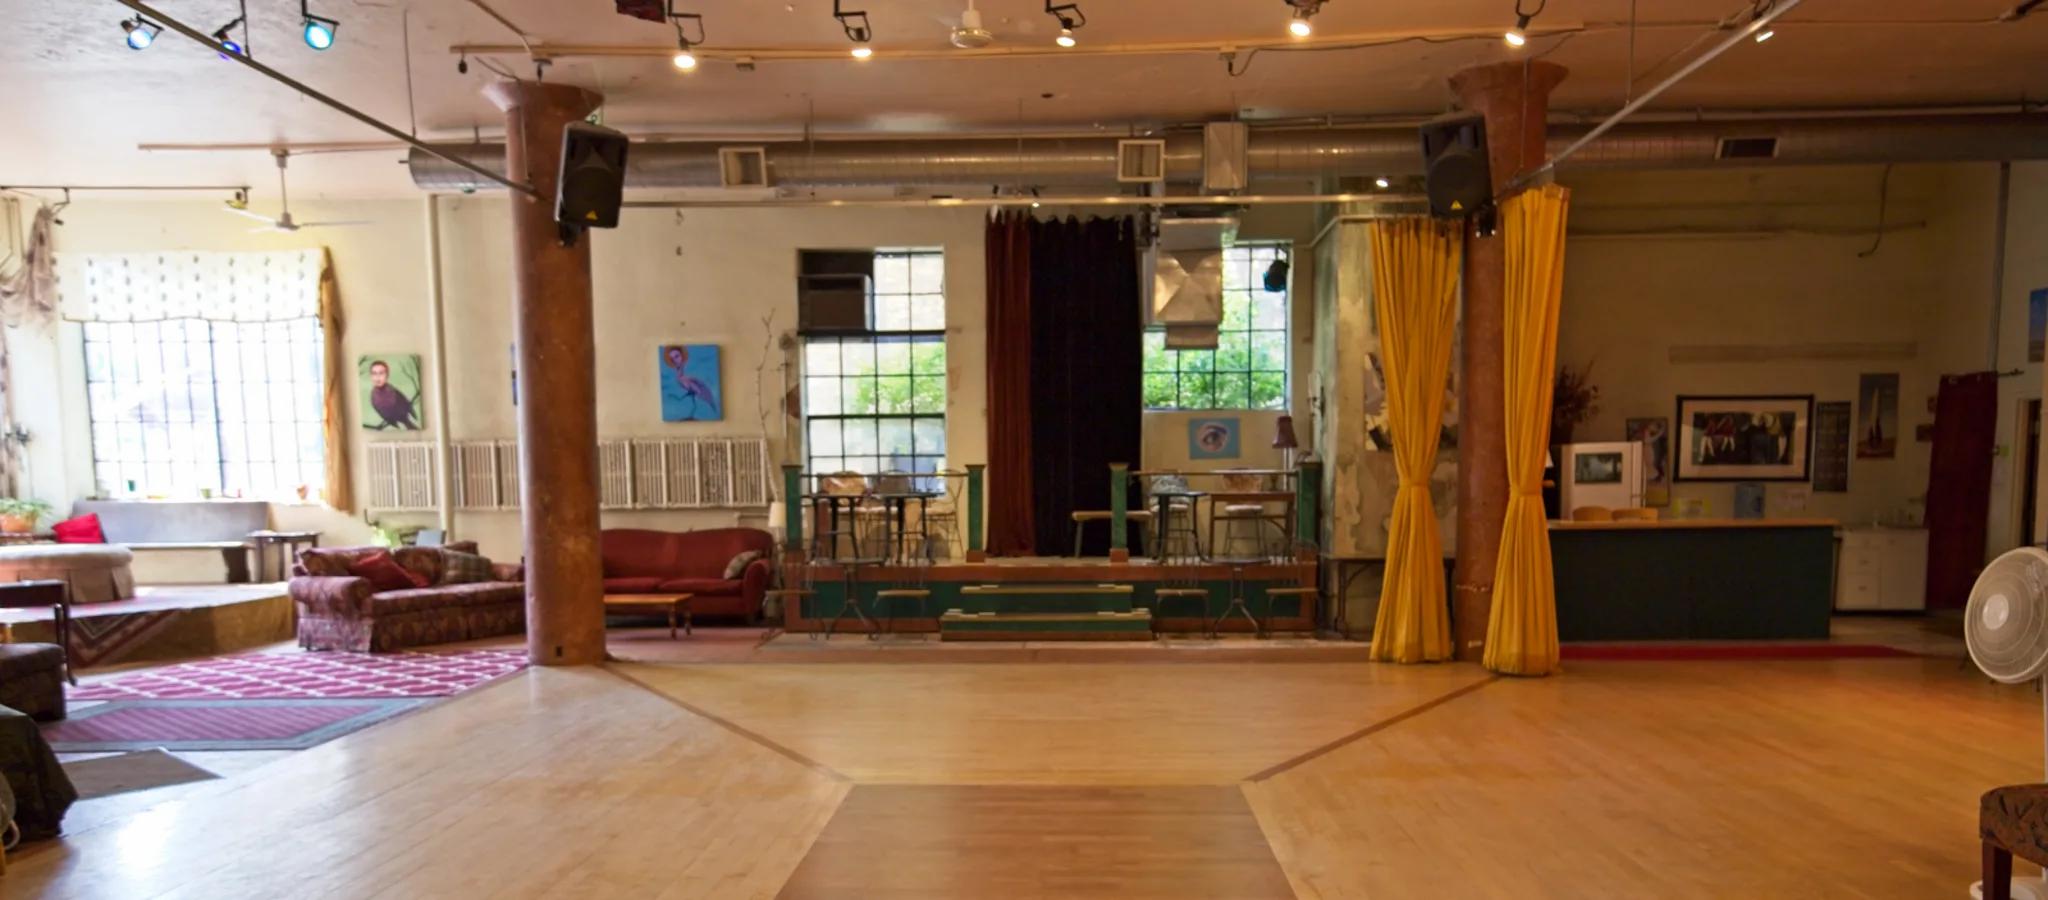 Front Studio center.webp